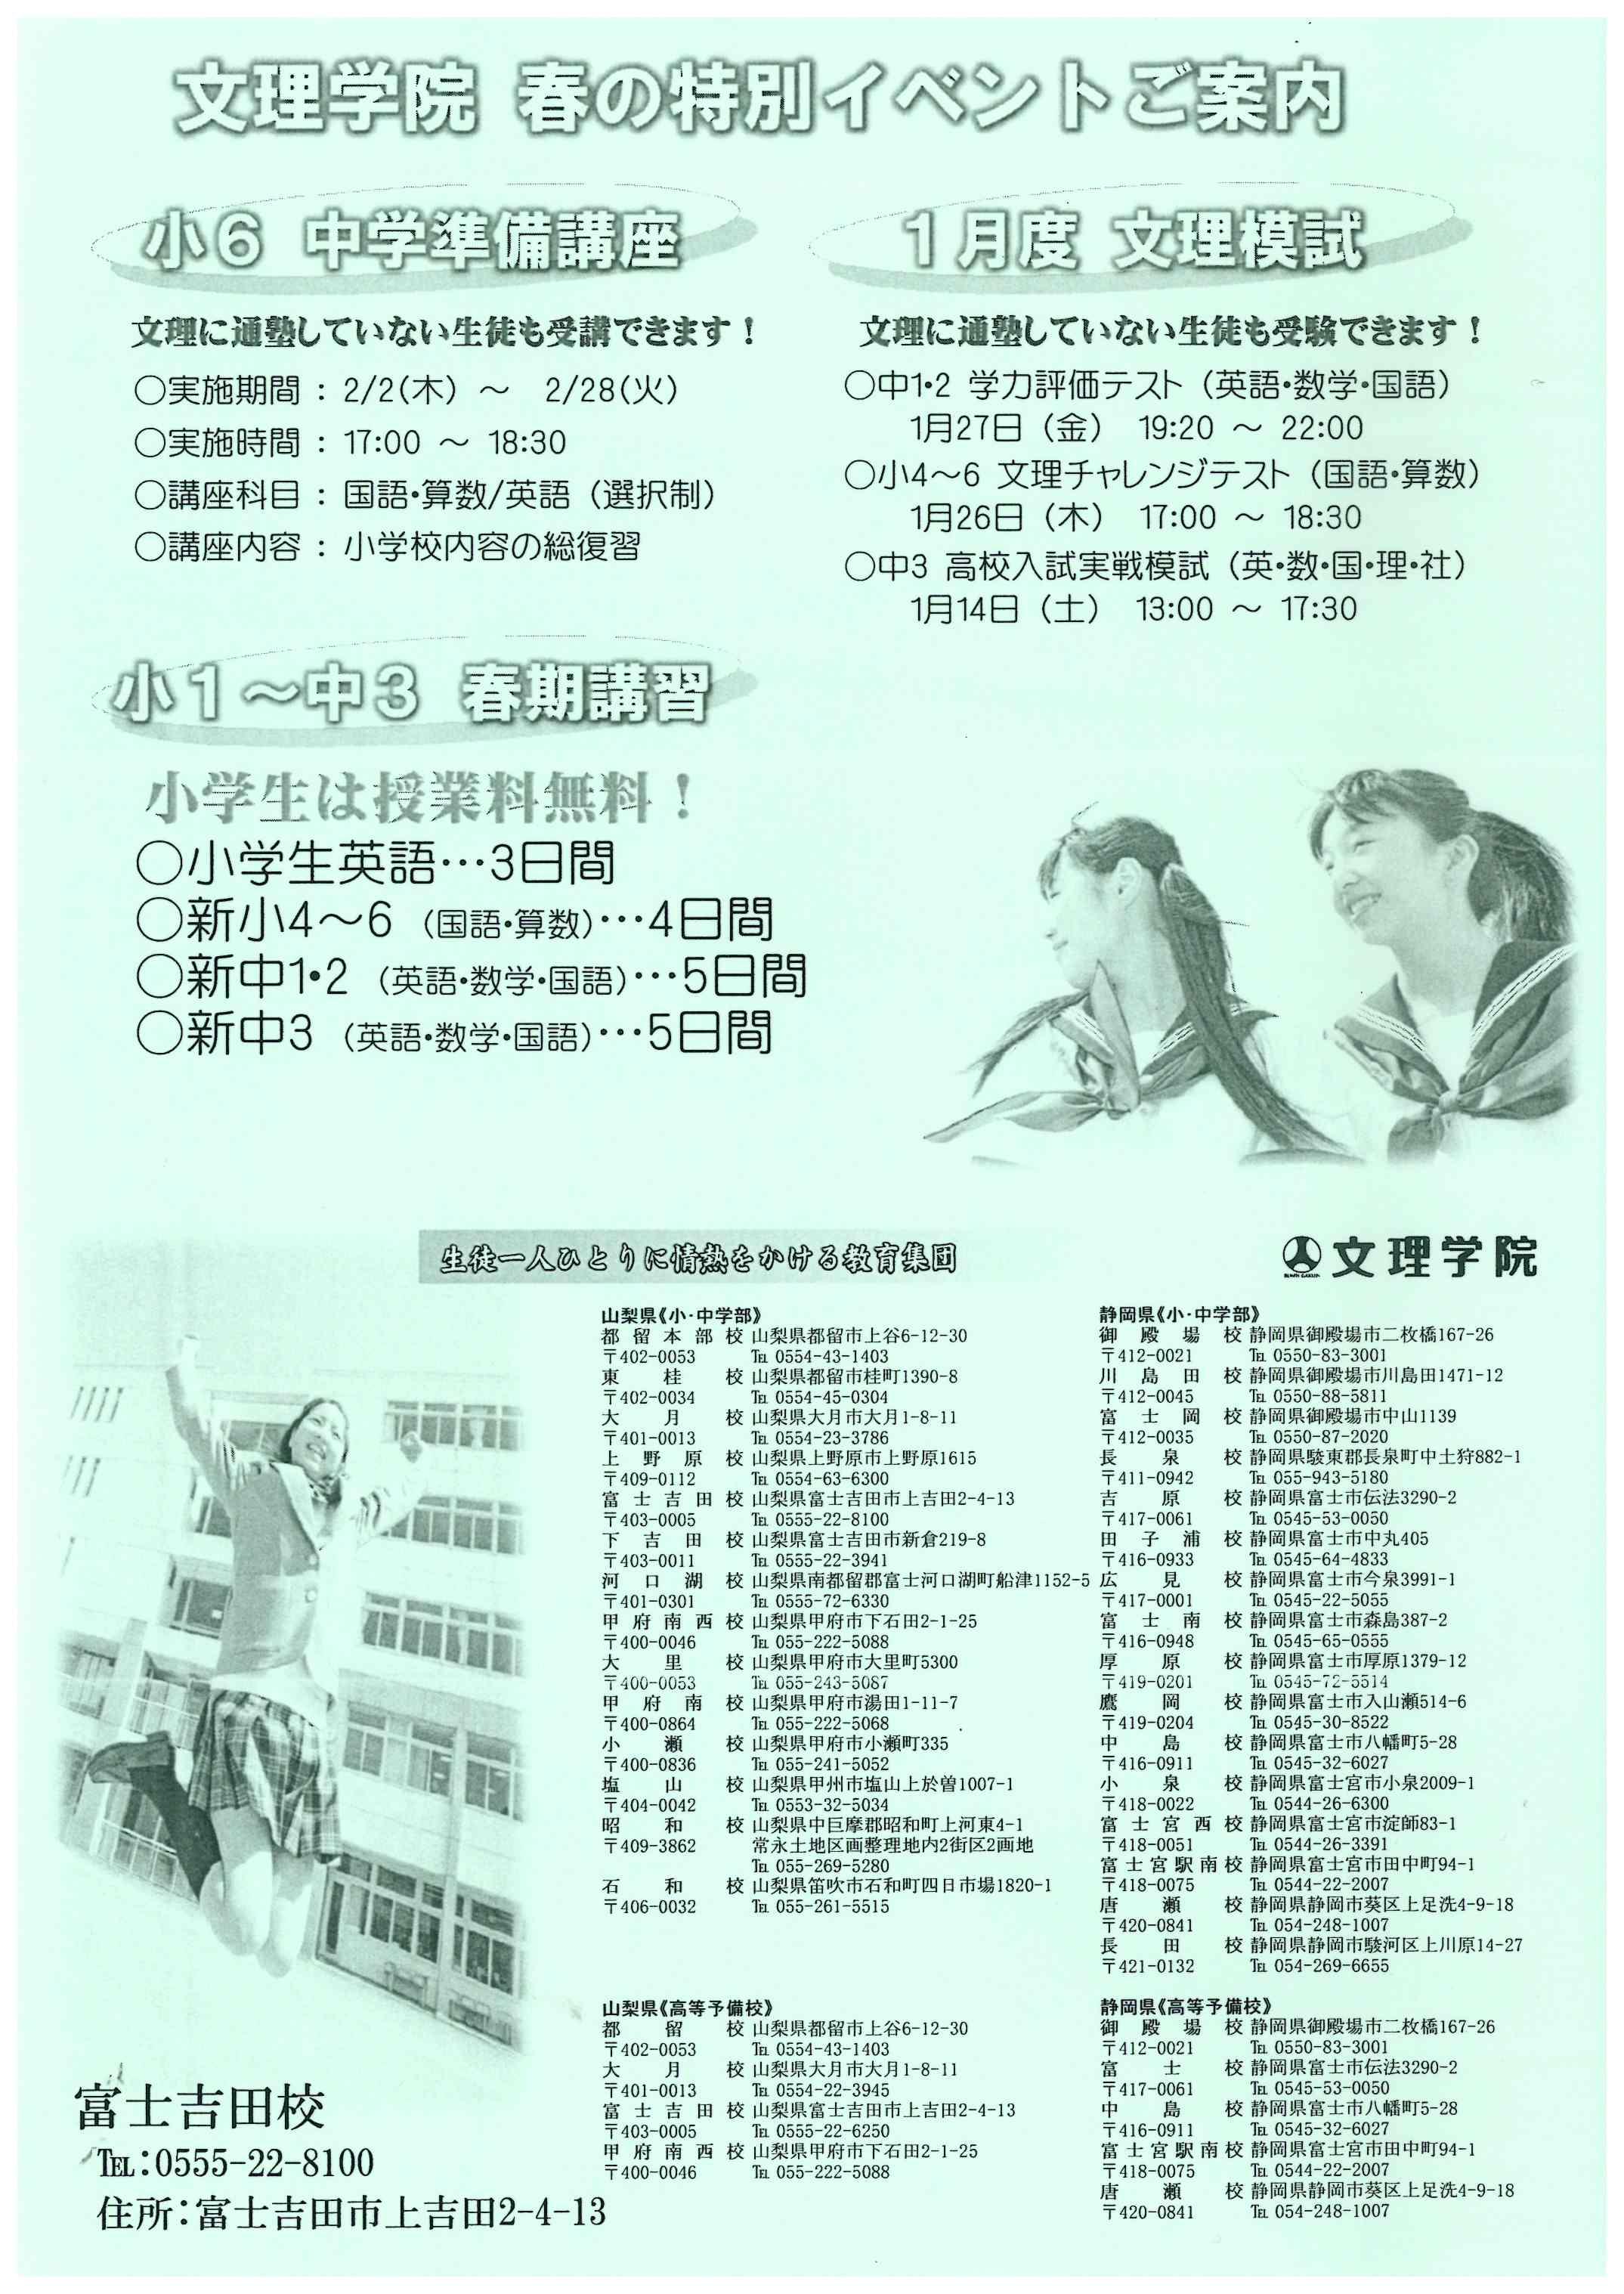 20161220 学力コンクール (4)